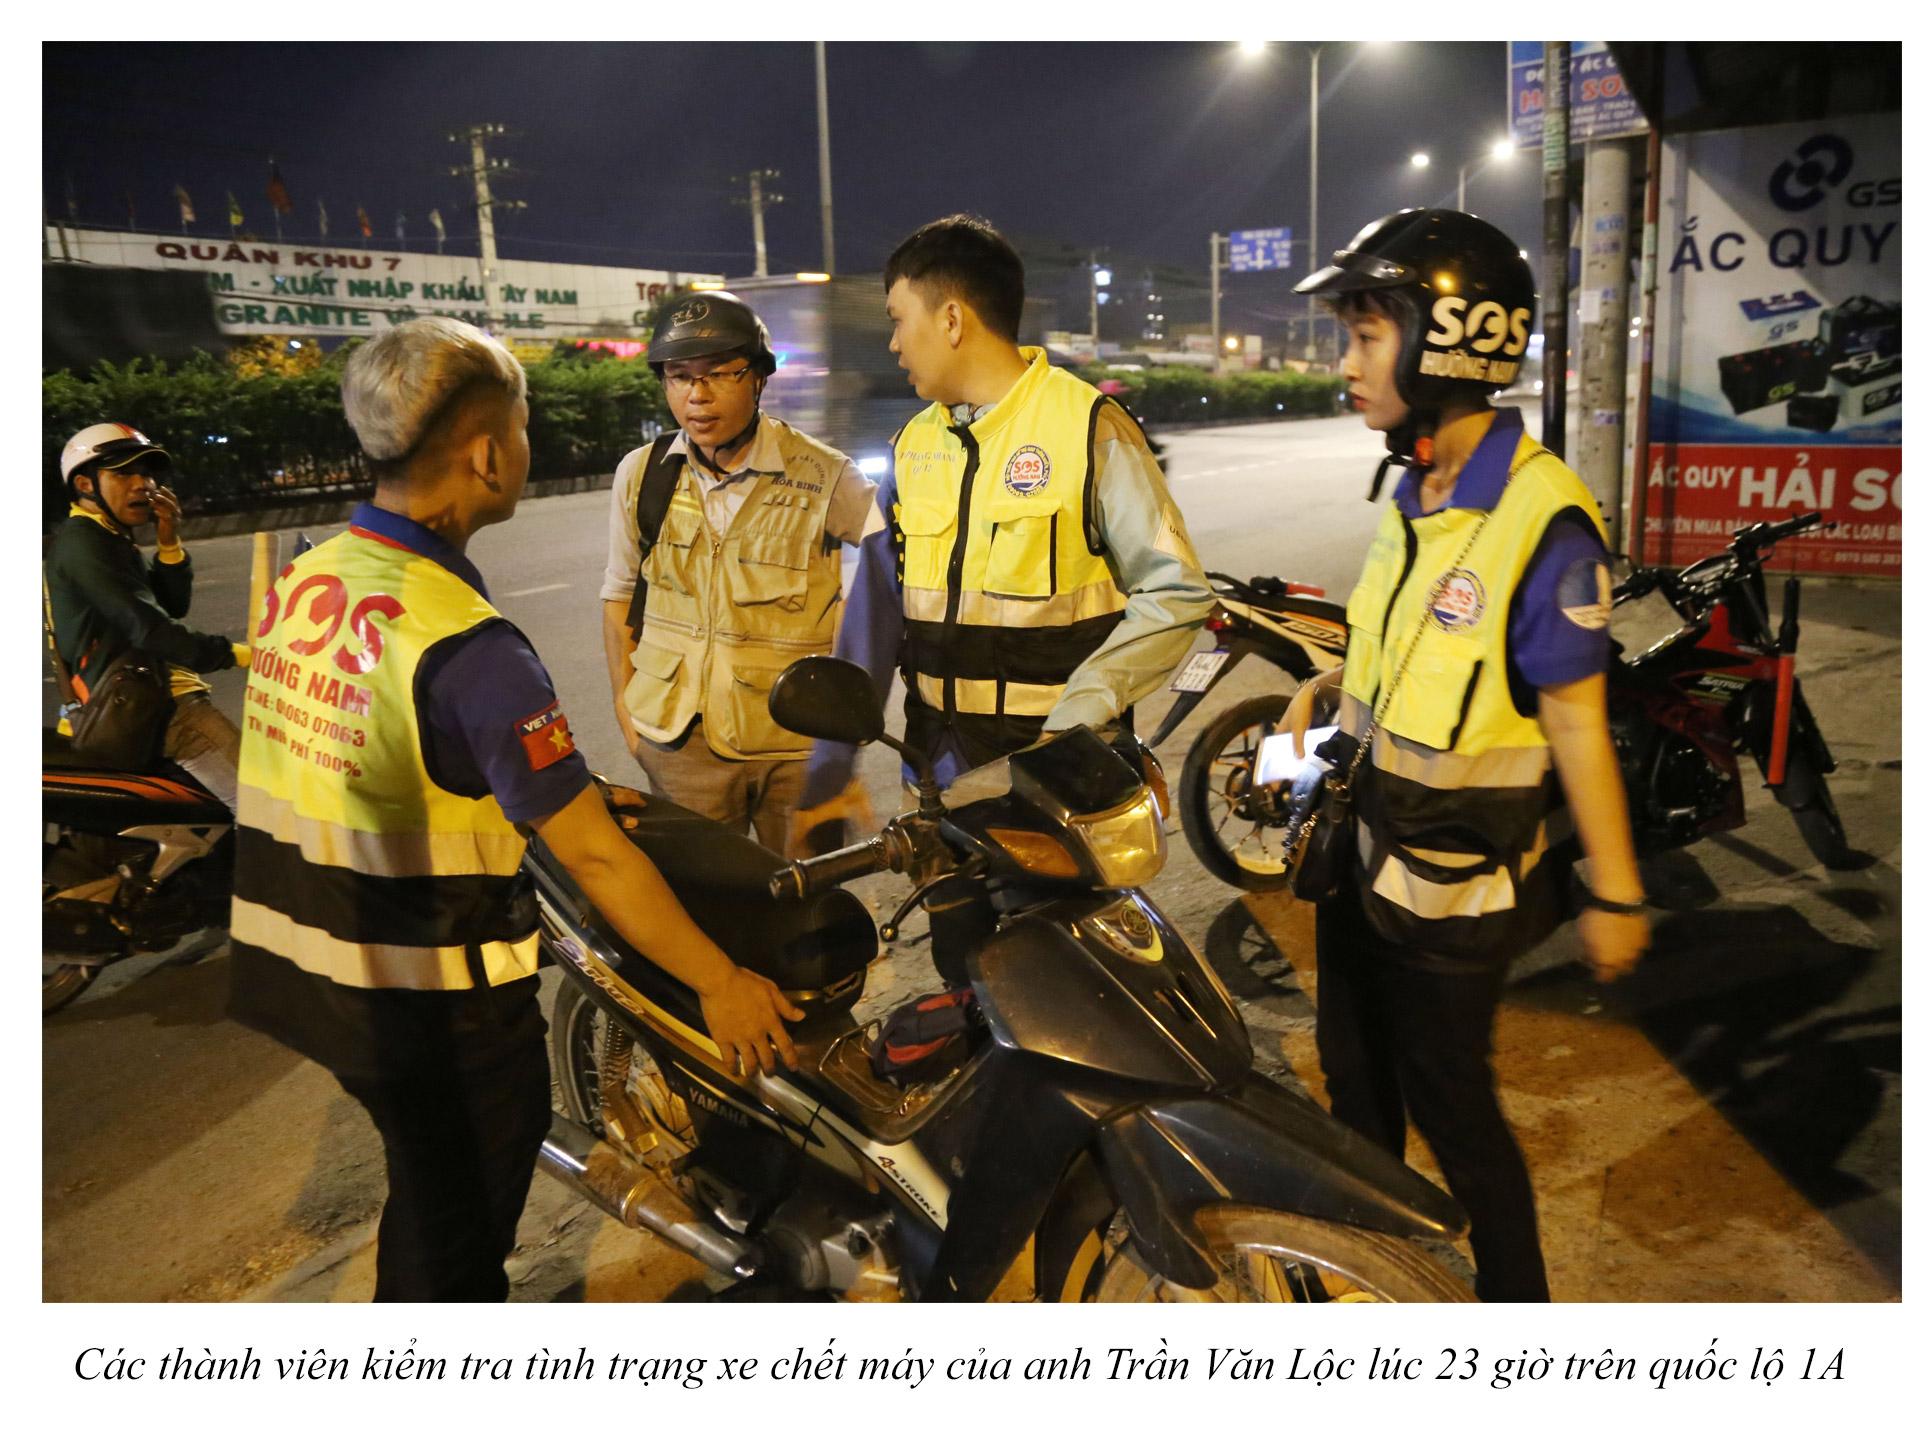 Biệt đội cứu hộ xuyên đêm miễn phí ở Sài Gòn - ảnh 12